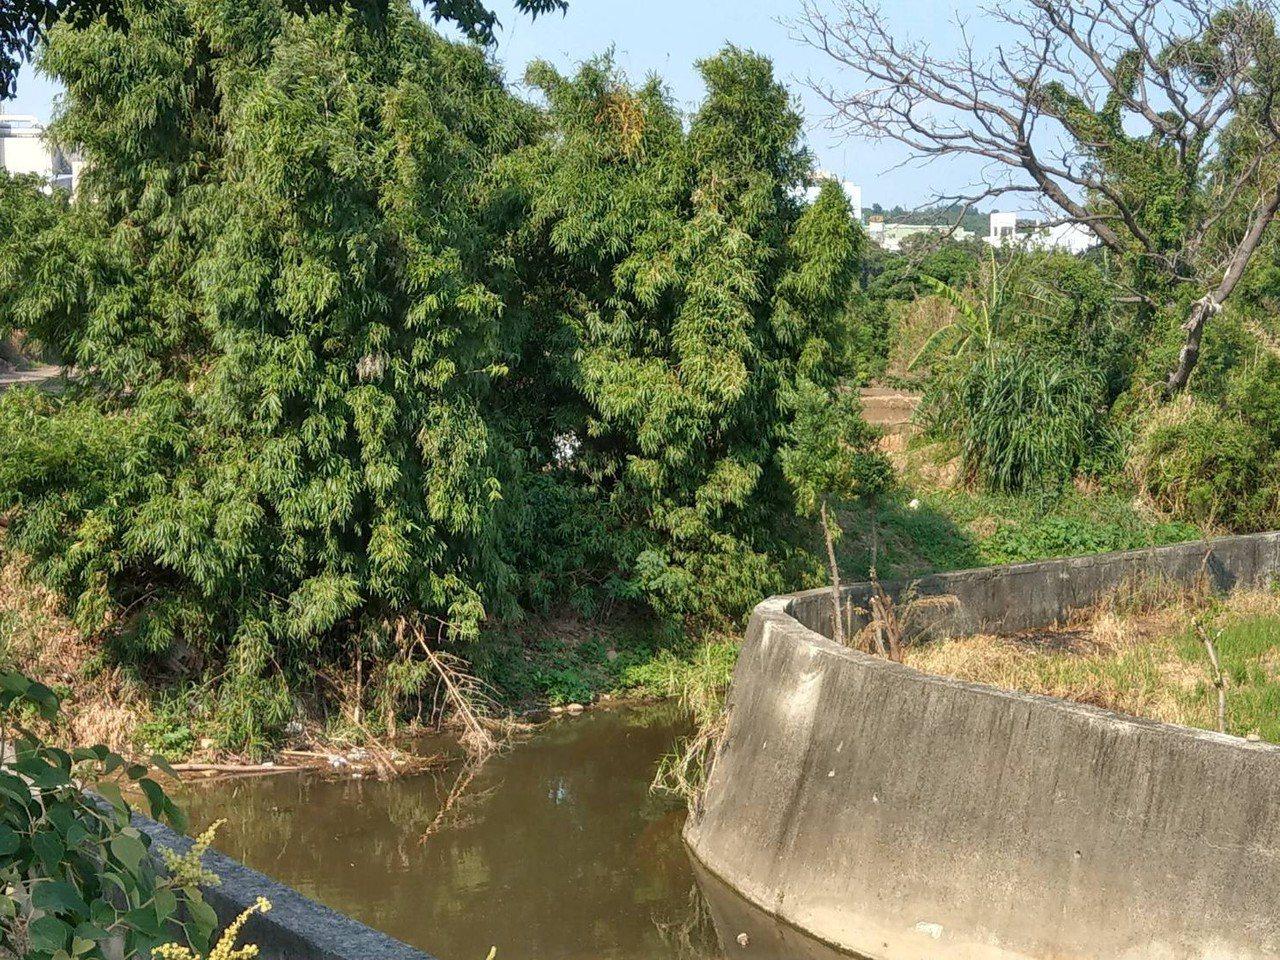 新豐鄉中崙支線排水護岸因護岸高度不足,加上老舊及部分缺口,遇豪大雨容易淹水,這次...